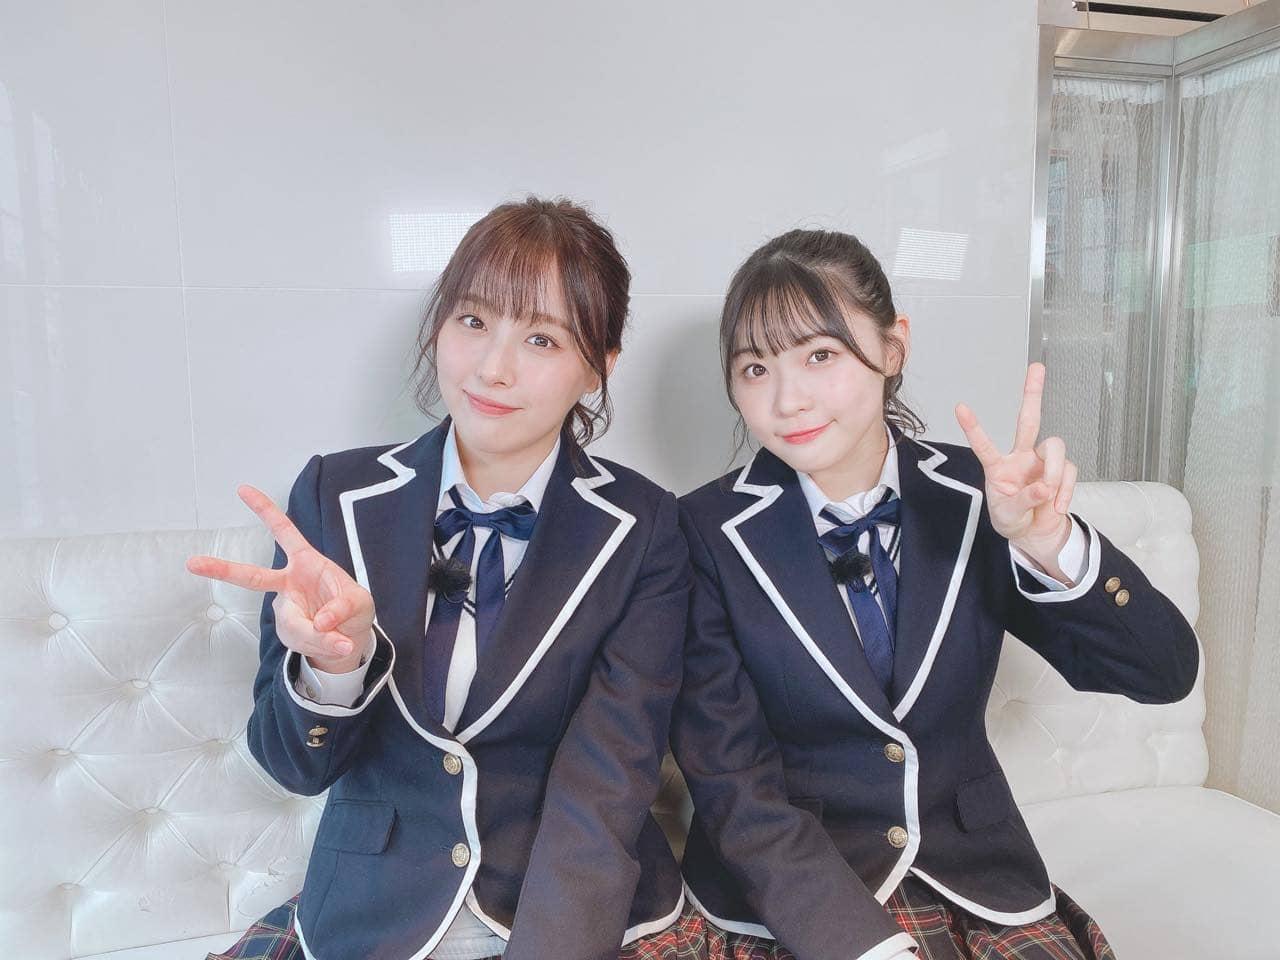 「SKE48は君と歌いたい」鎌田菜月&浅井裕華がアジアでも活躍するパティシエの店を訪れる②